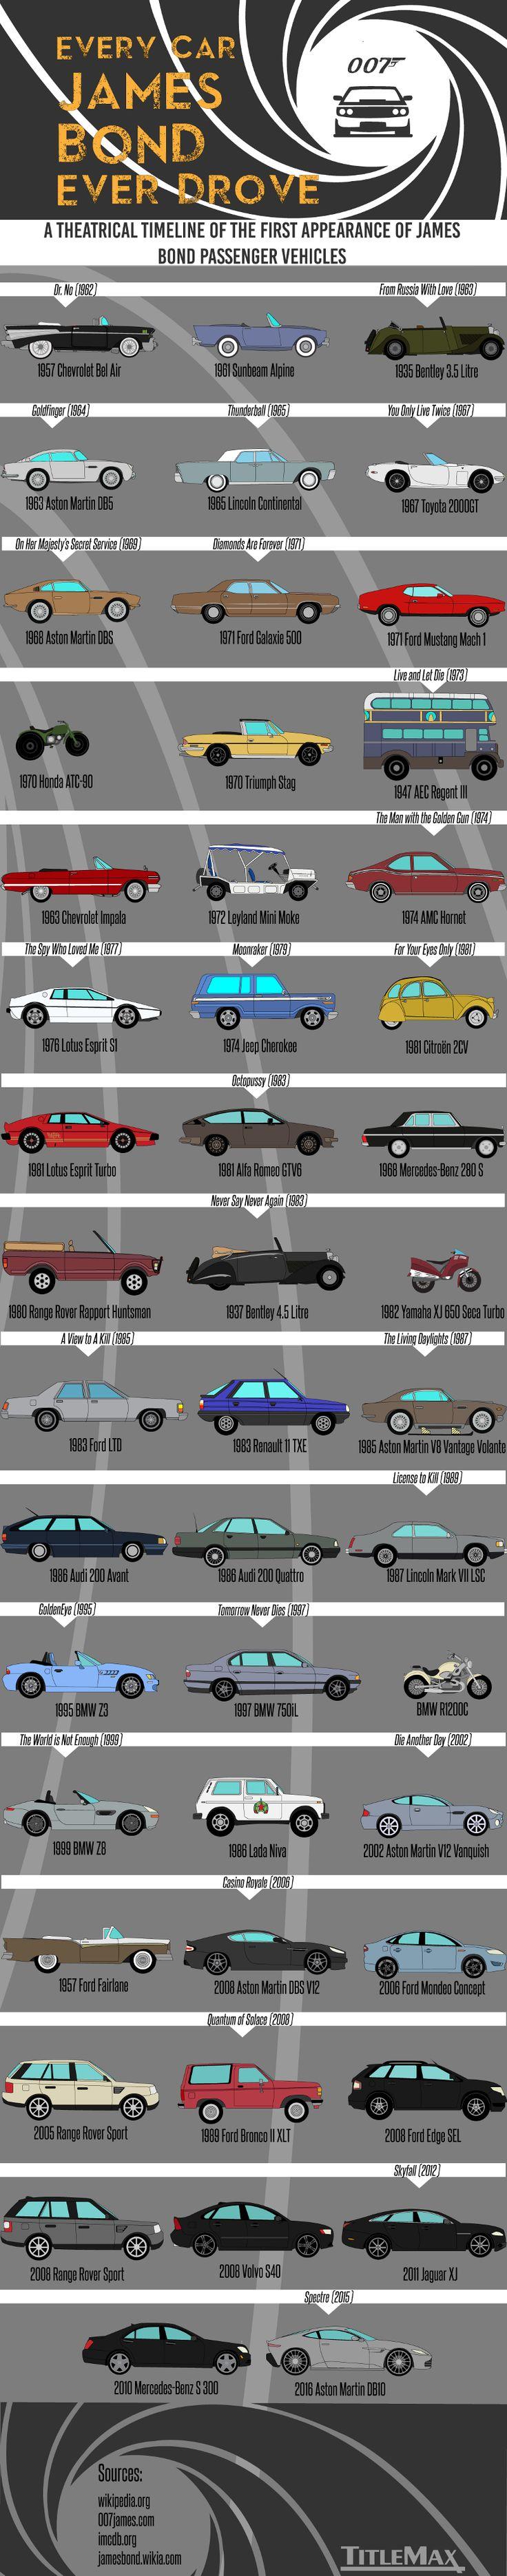 Every Car James Bond Ever Drove #Infographic #Cars #Transportation